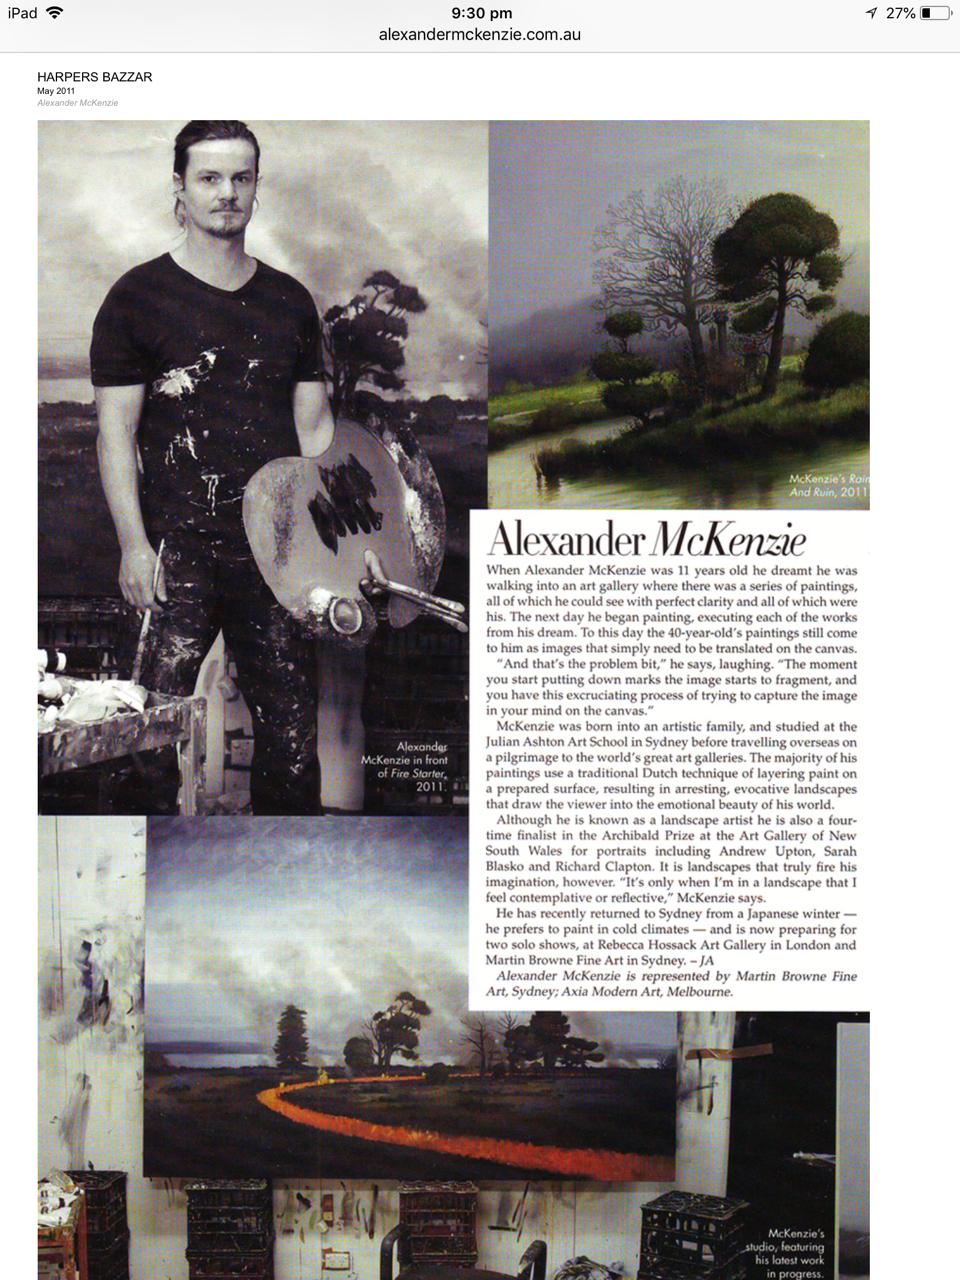 Harpers Bazaar 2011